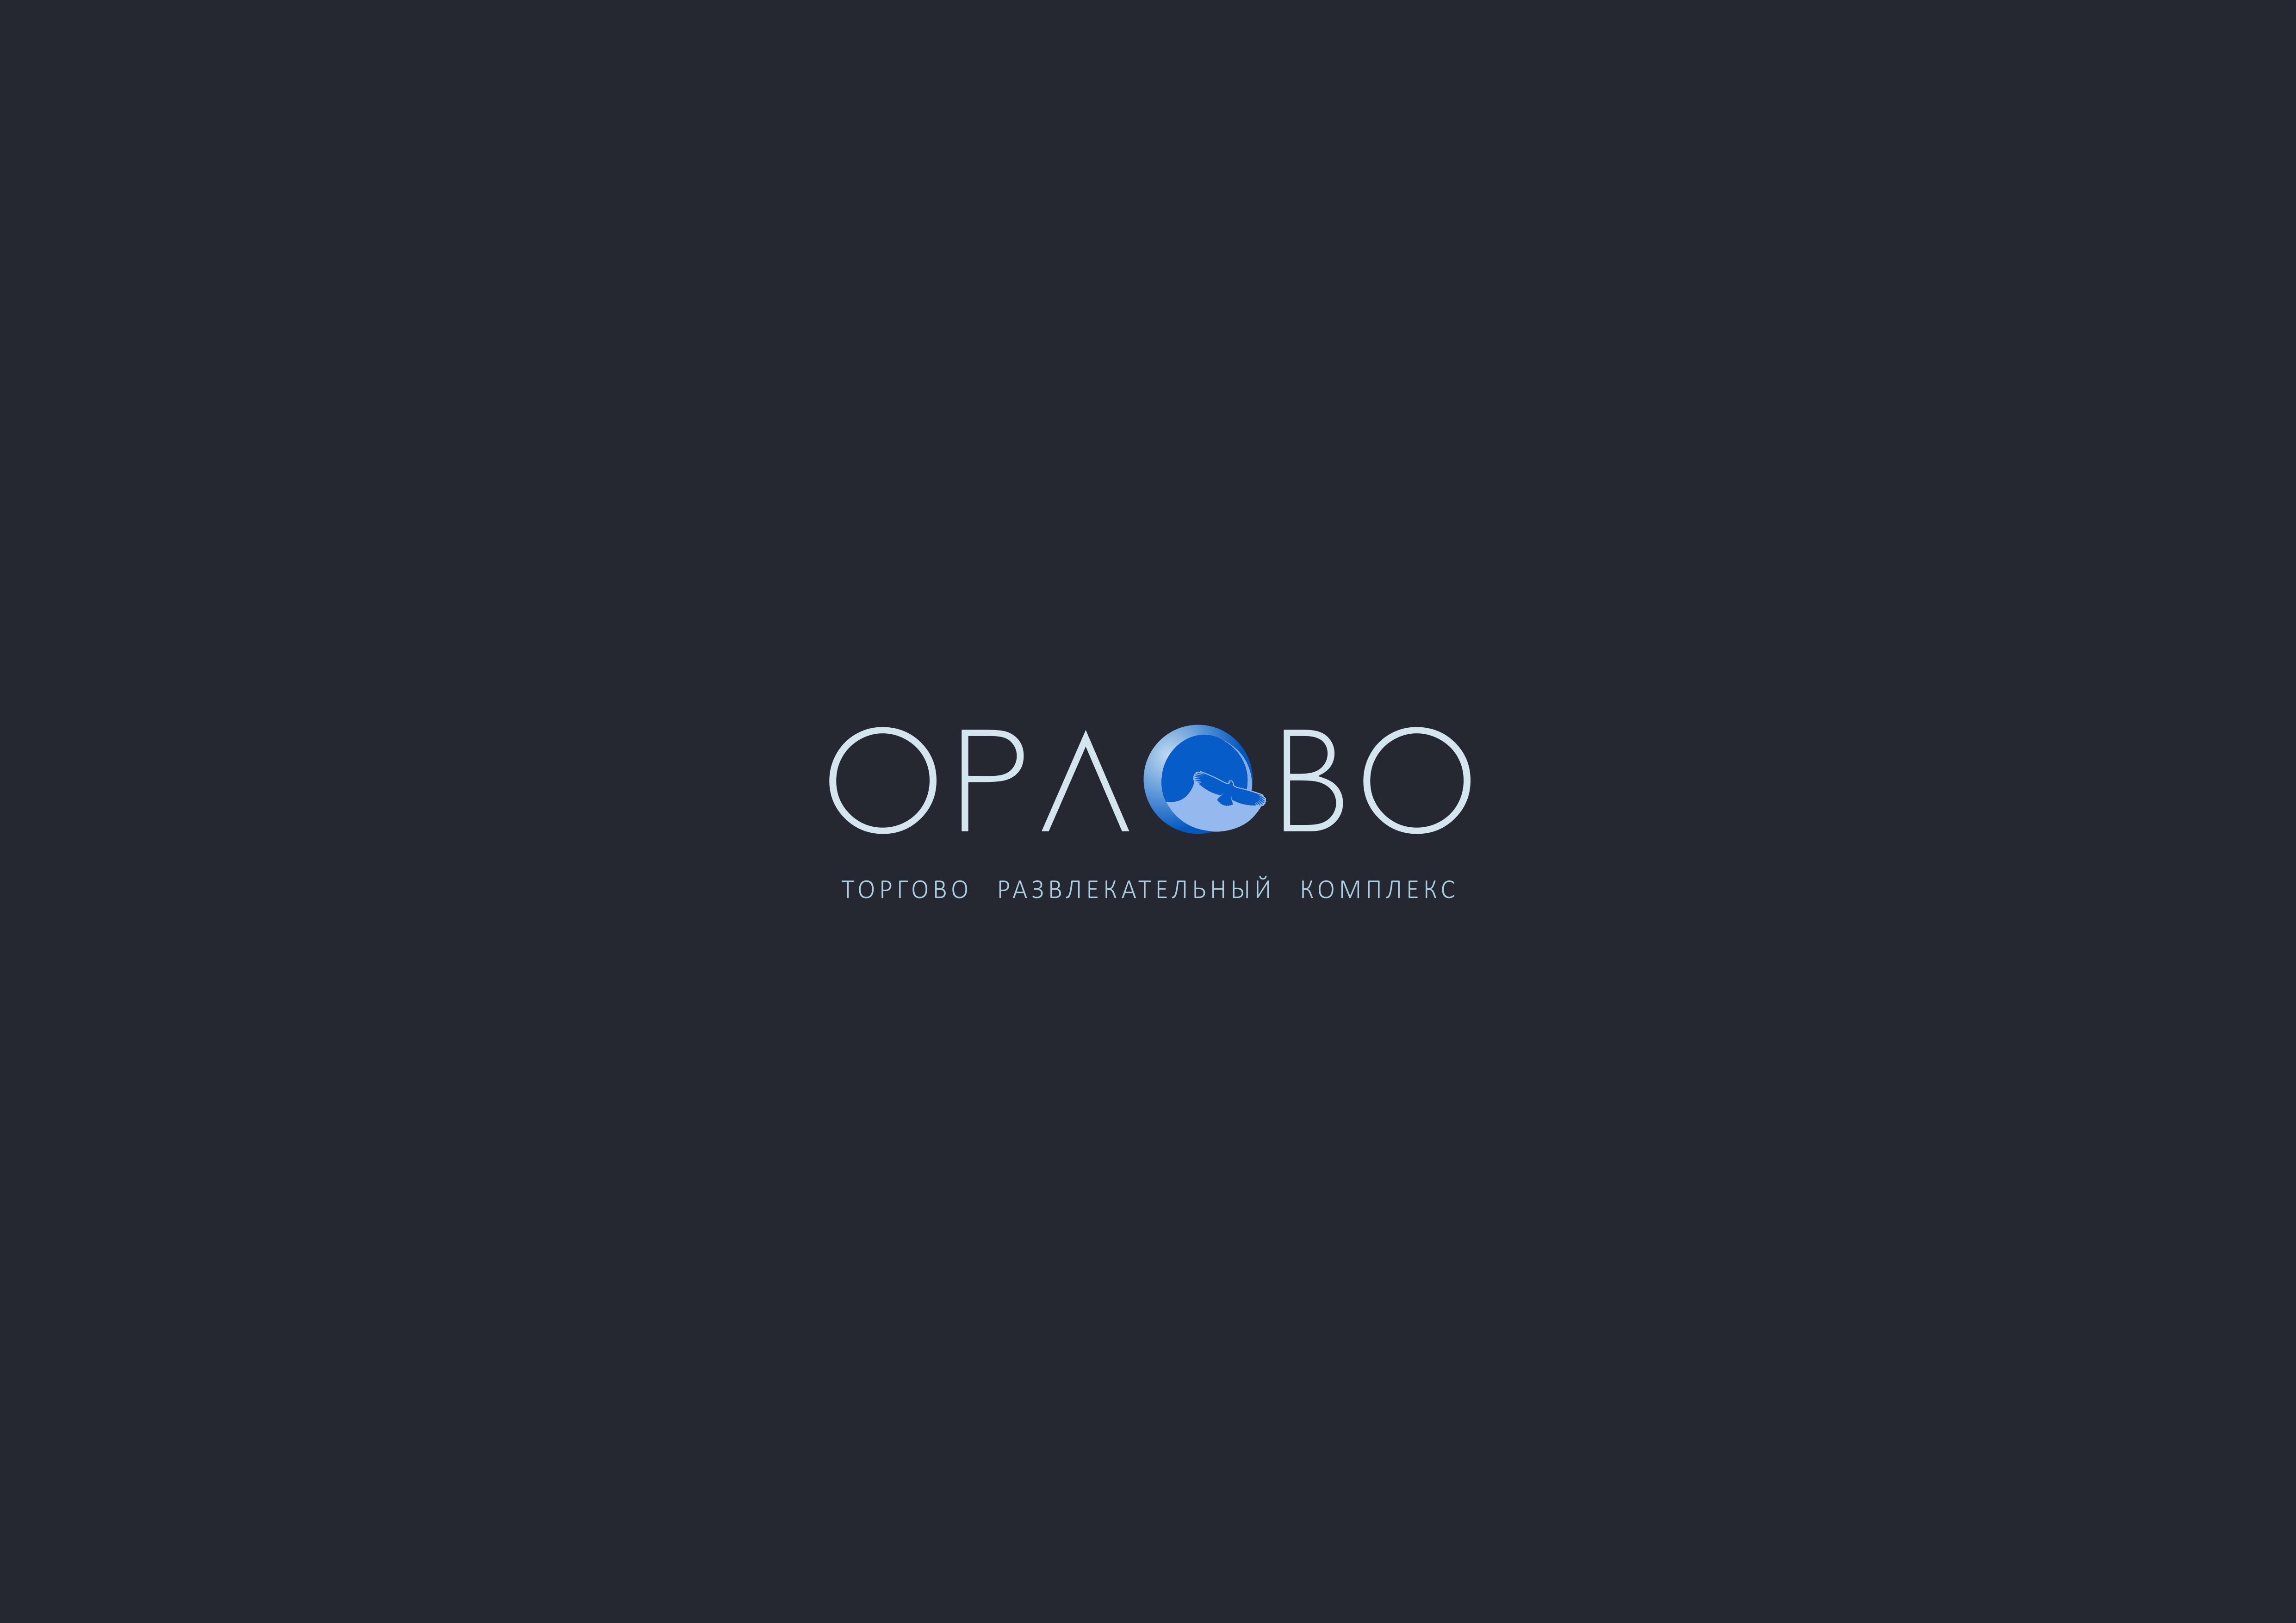 Разработка логотипа для Торгово-развлекательного комплекса фото f_829596e048523204.png